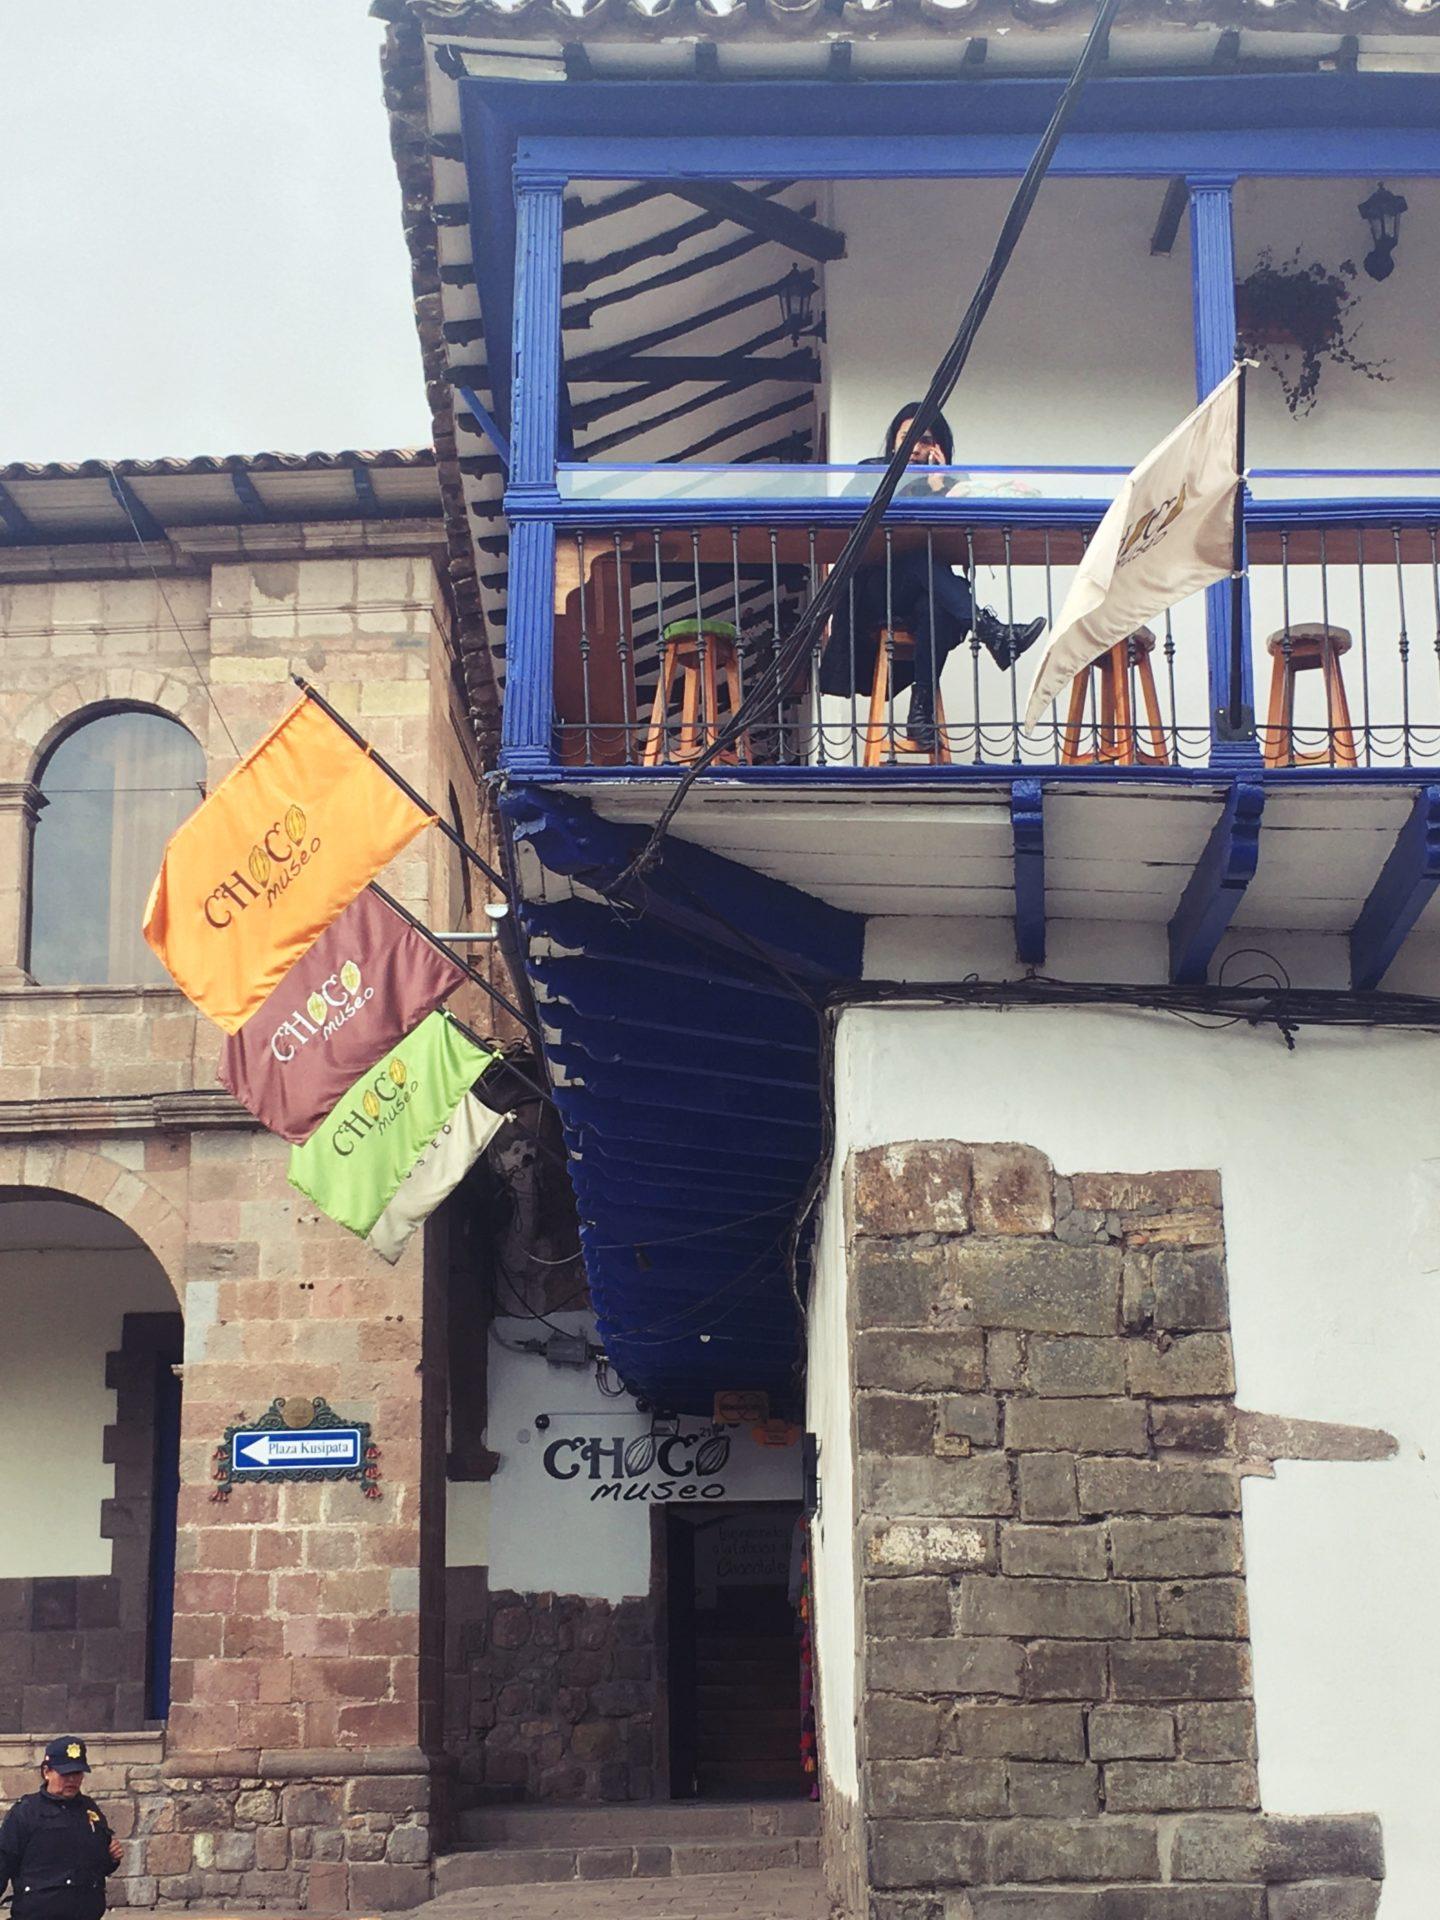 ペルー, クスコ, チョコ, 博物館, choco, museo